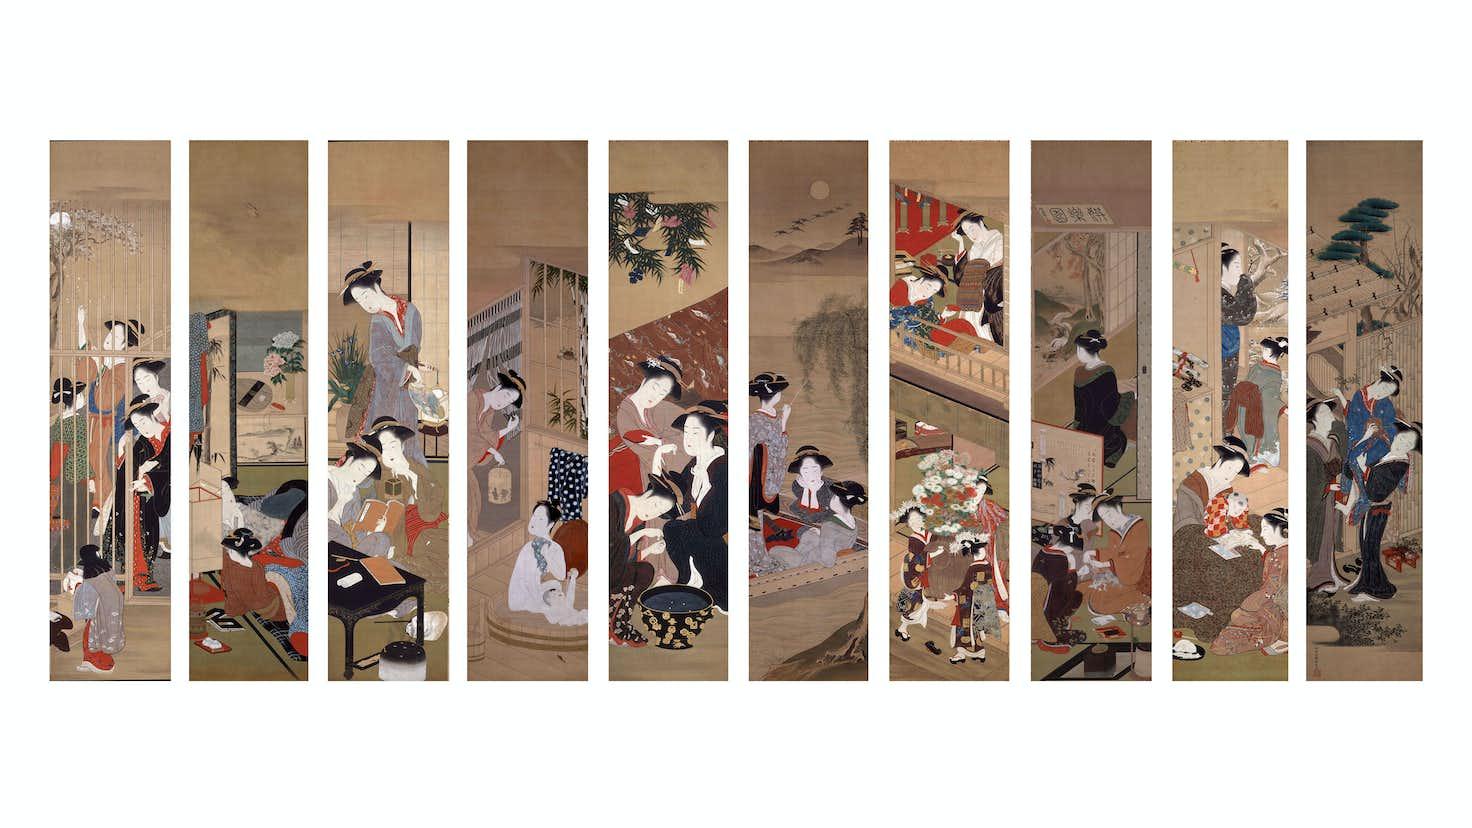 Moa美術館で美人画の名作を堪能する 美人画の系譜 展が開催中